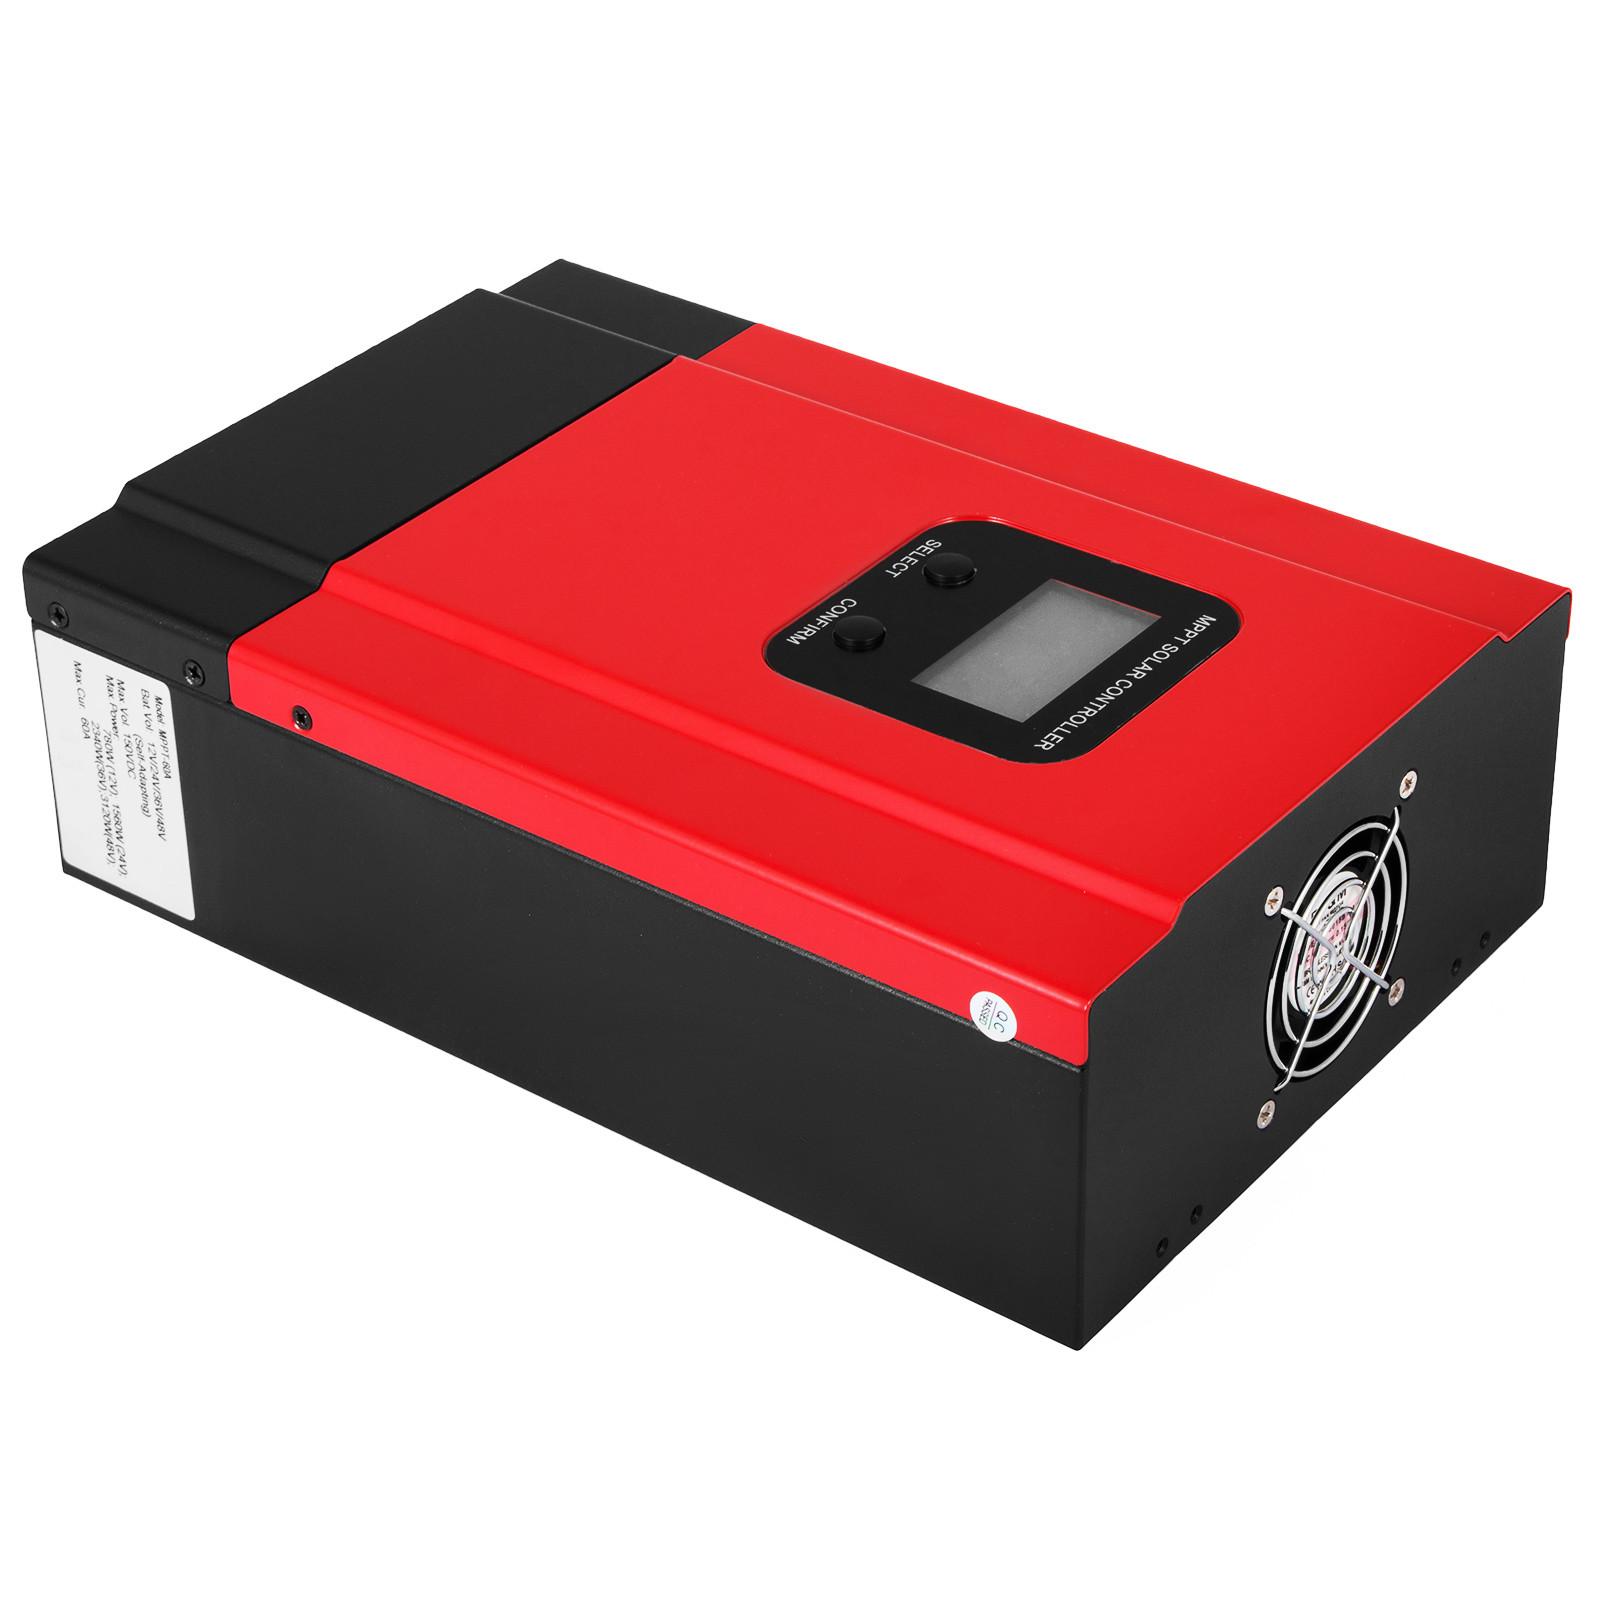 ESMART-3-LCD-40a-50a-60a-12v-24v-36v-48v-MPPT-Solar-Charge-Controller-Regolatore-di-carica miniatura 39